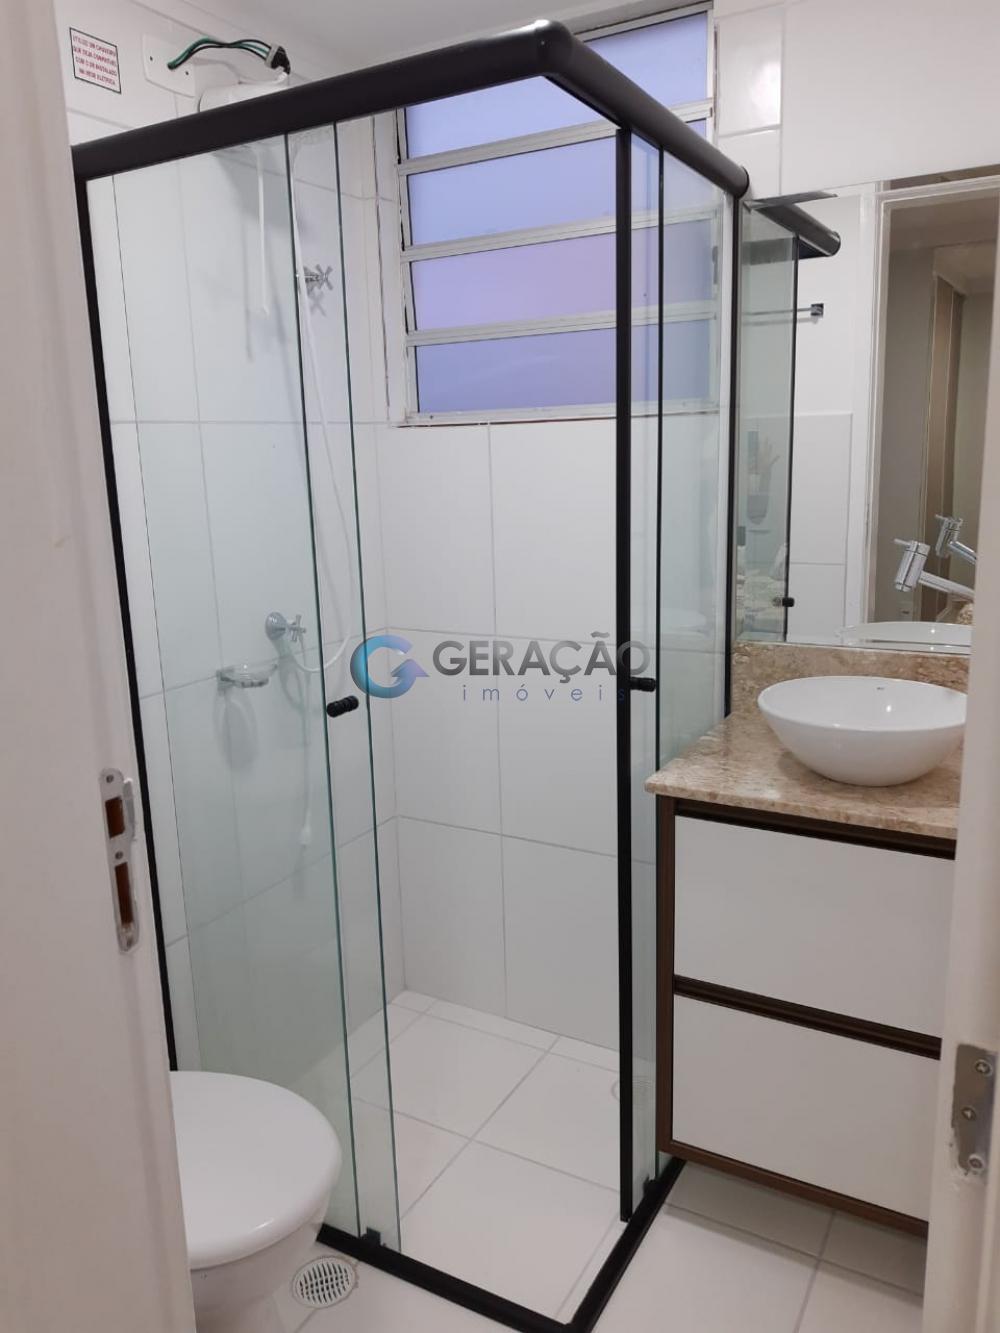 Alugar Apartamento / Padrão em São José dos Campos R$ 1.800,00 - Foto 15